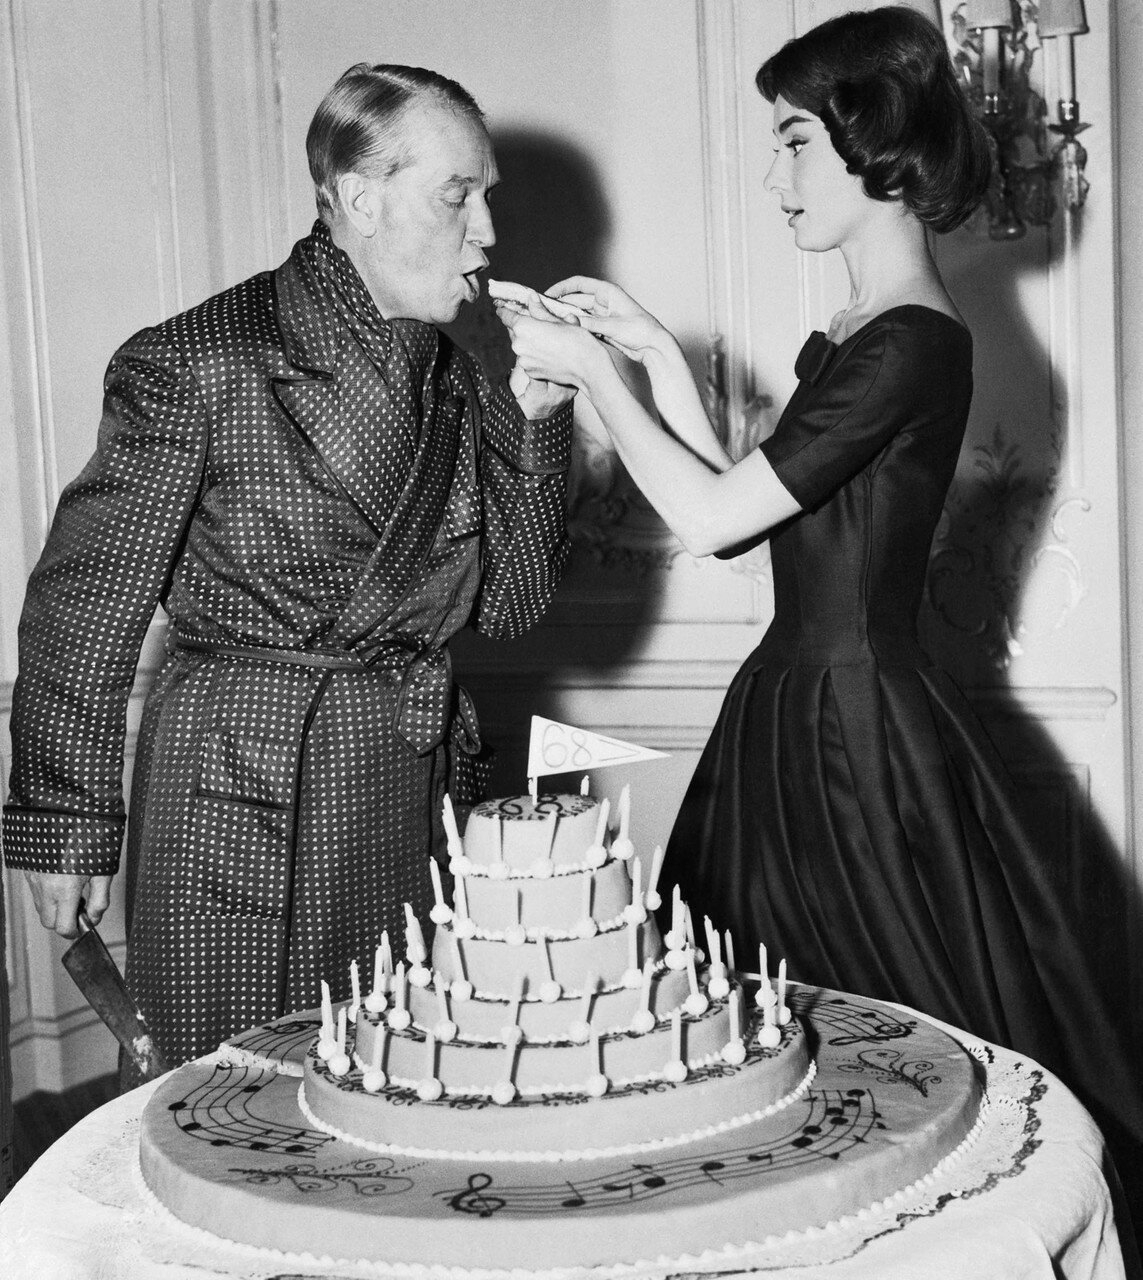 1956. Одри Хэпбёрн кормит тортом Мориса Шевалье